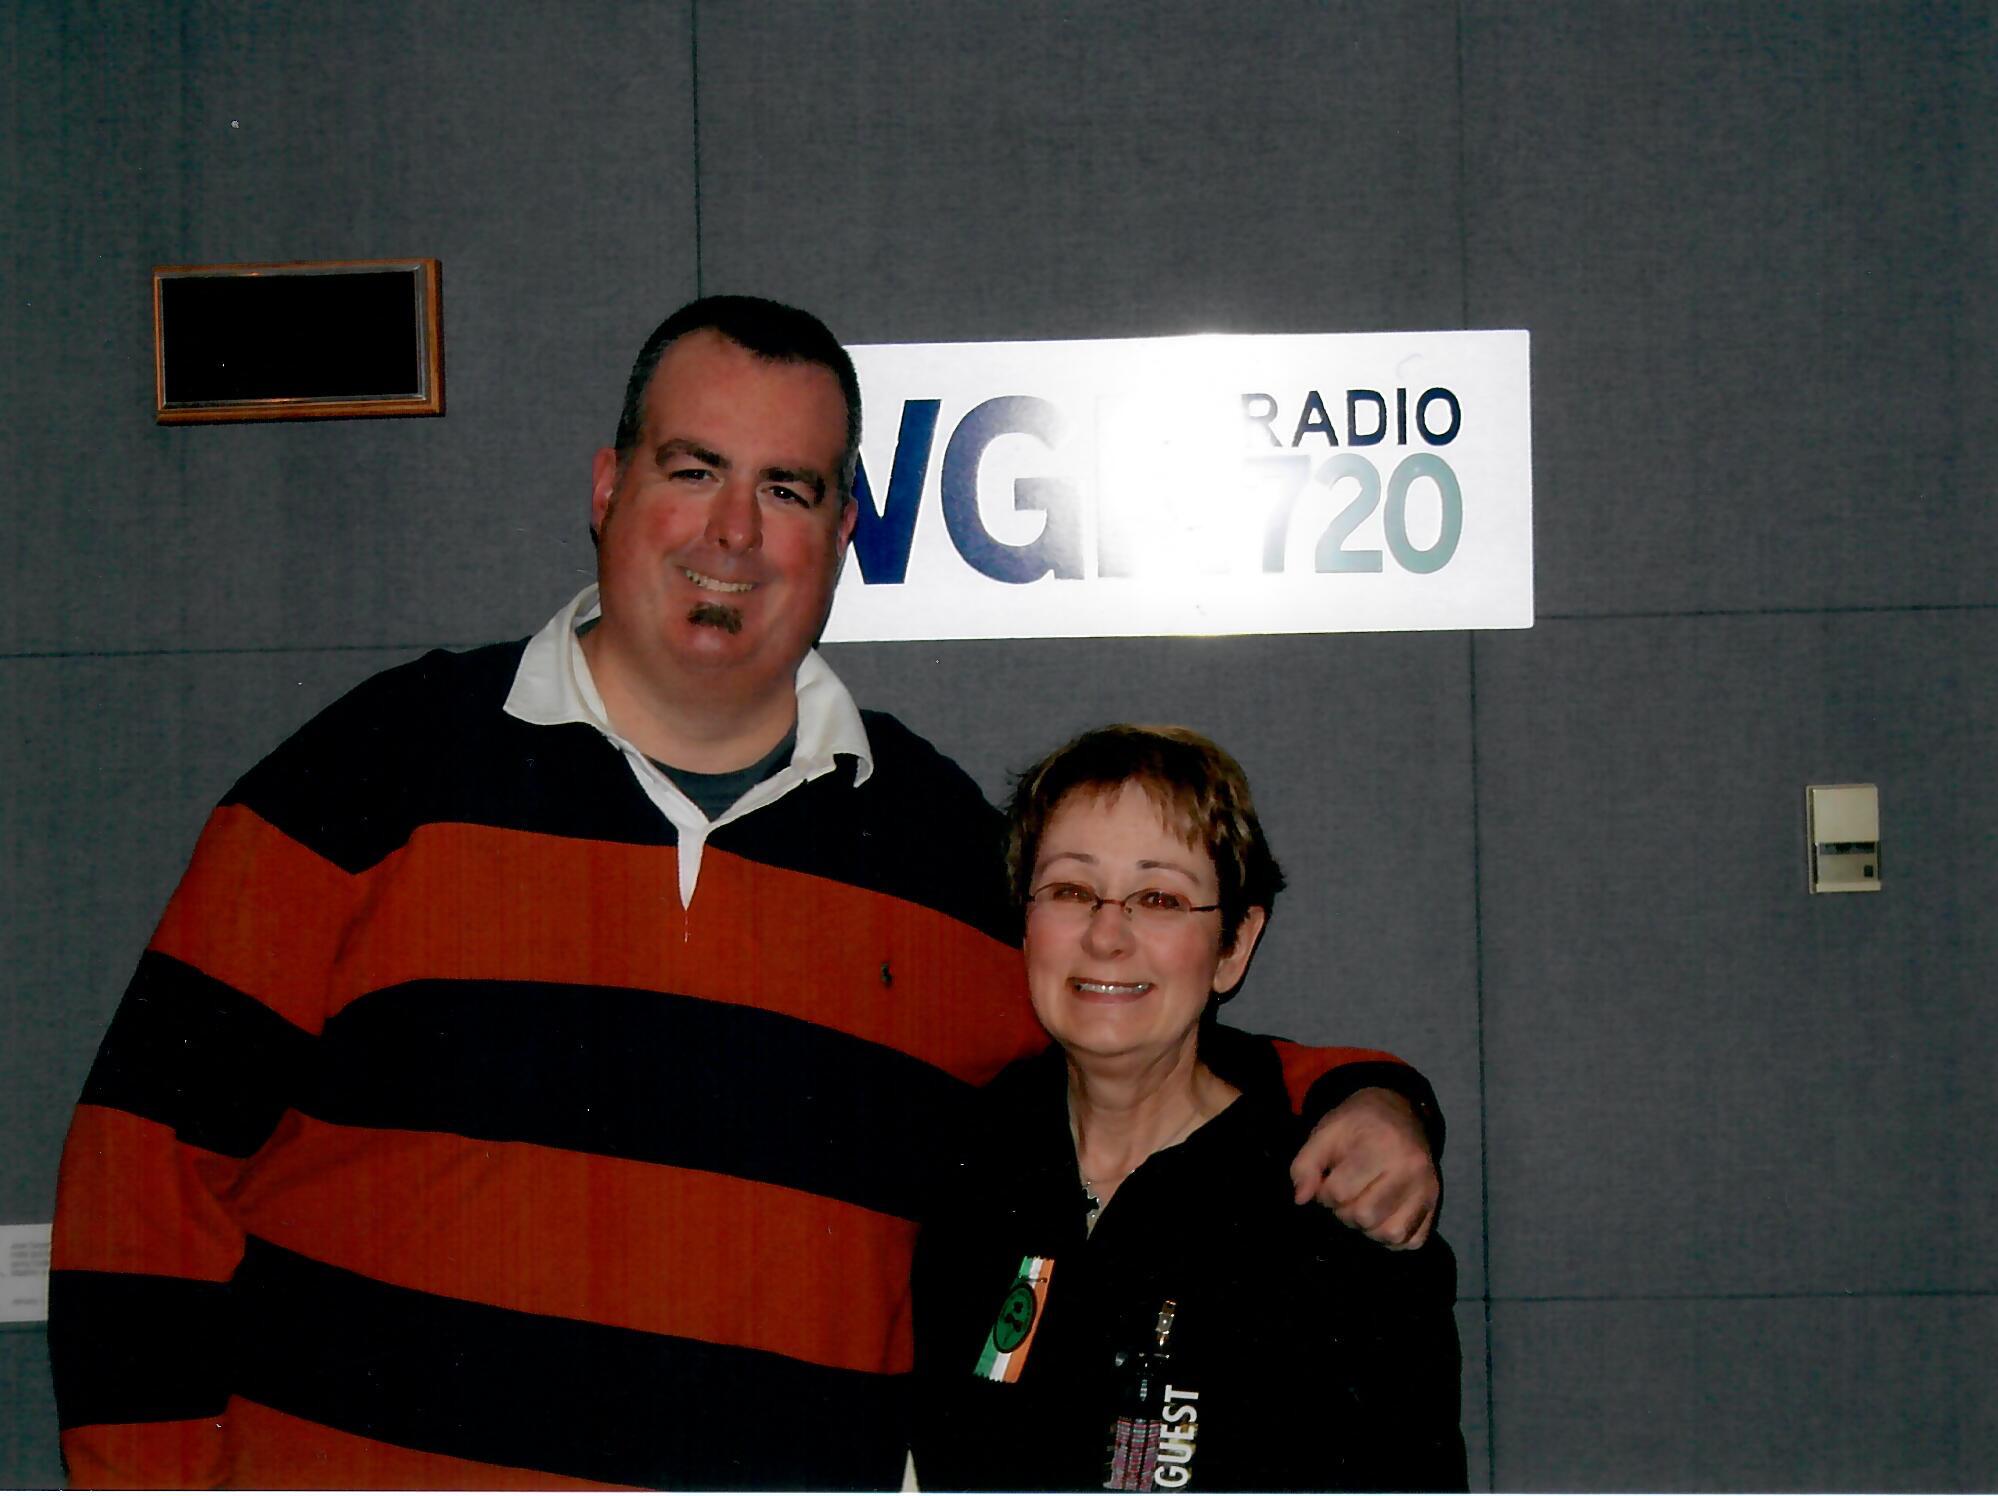 WGN Radio interview w/host Brian Noonan